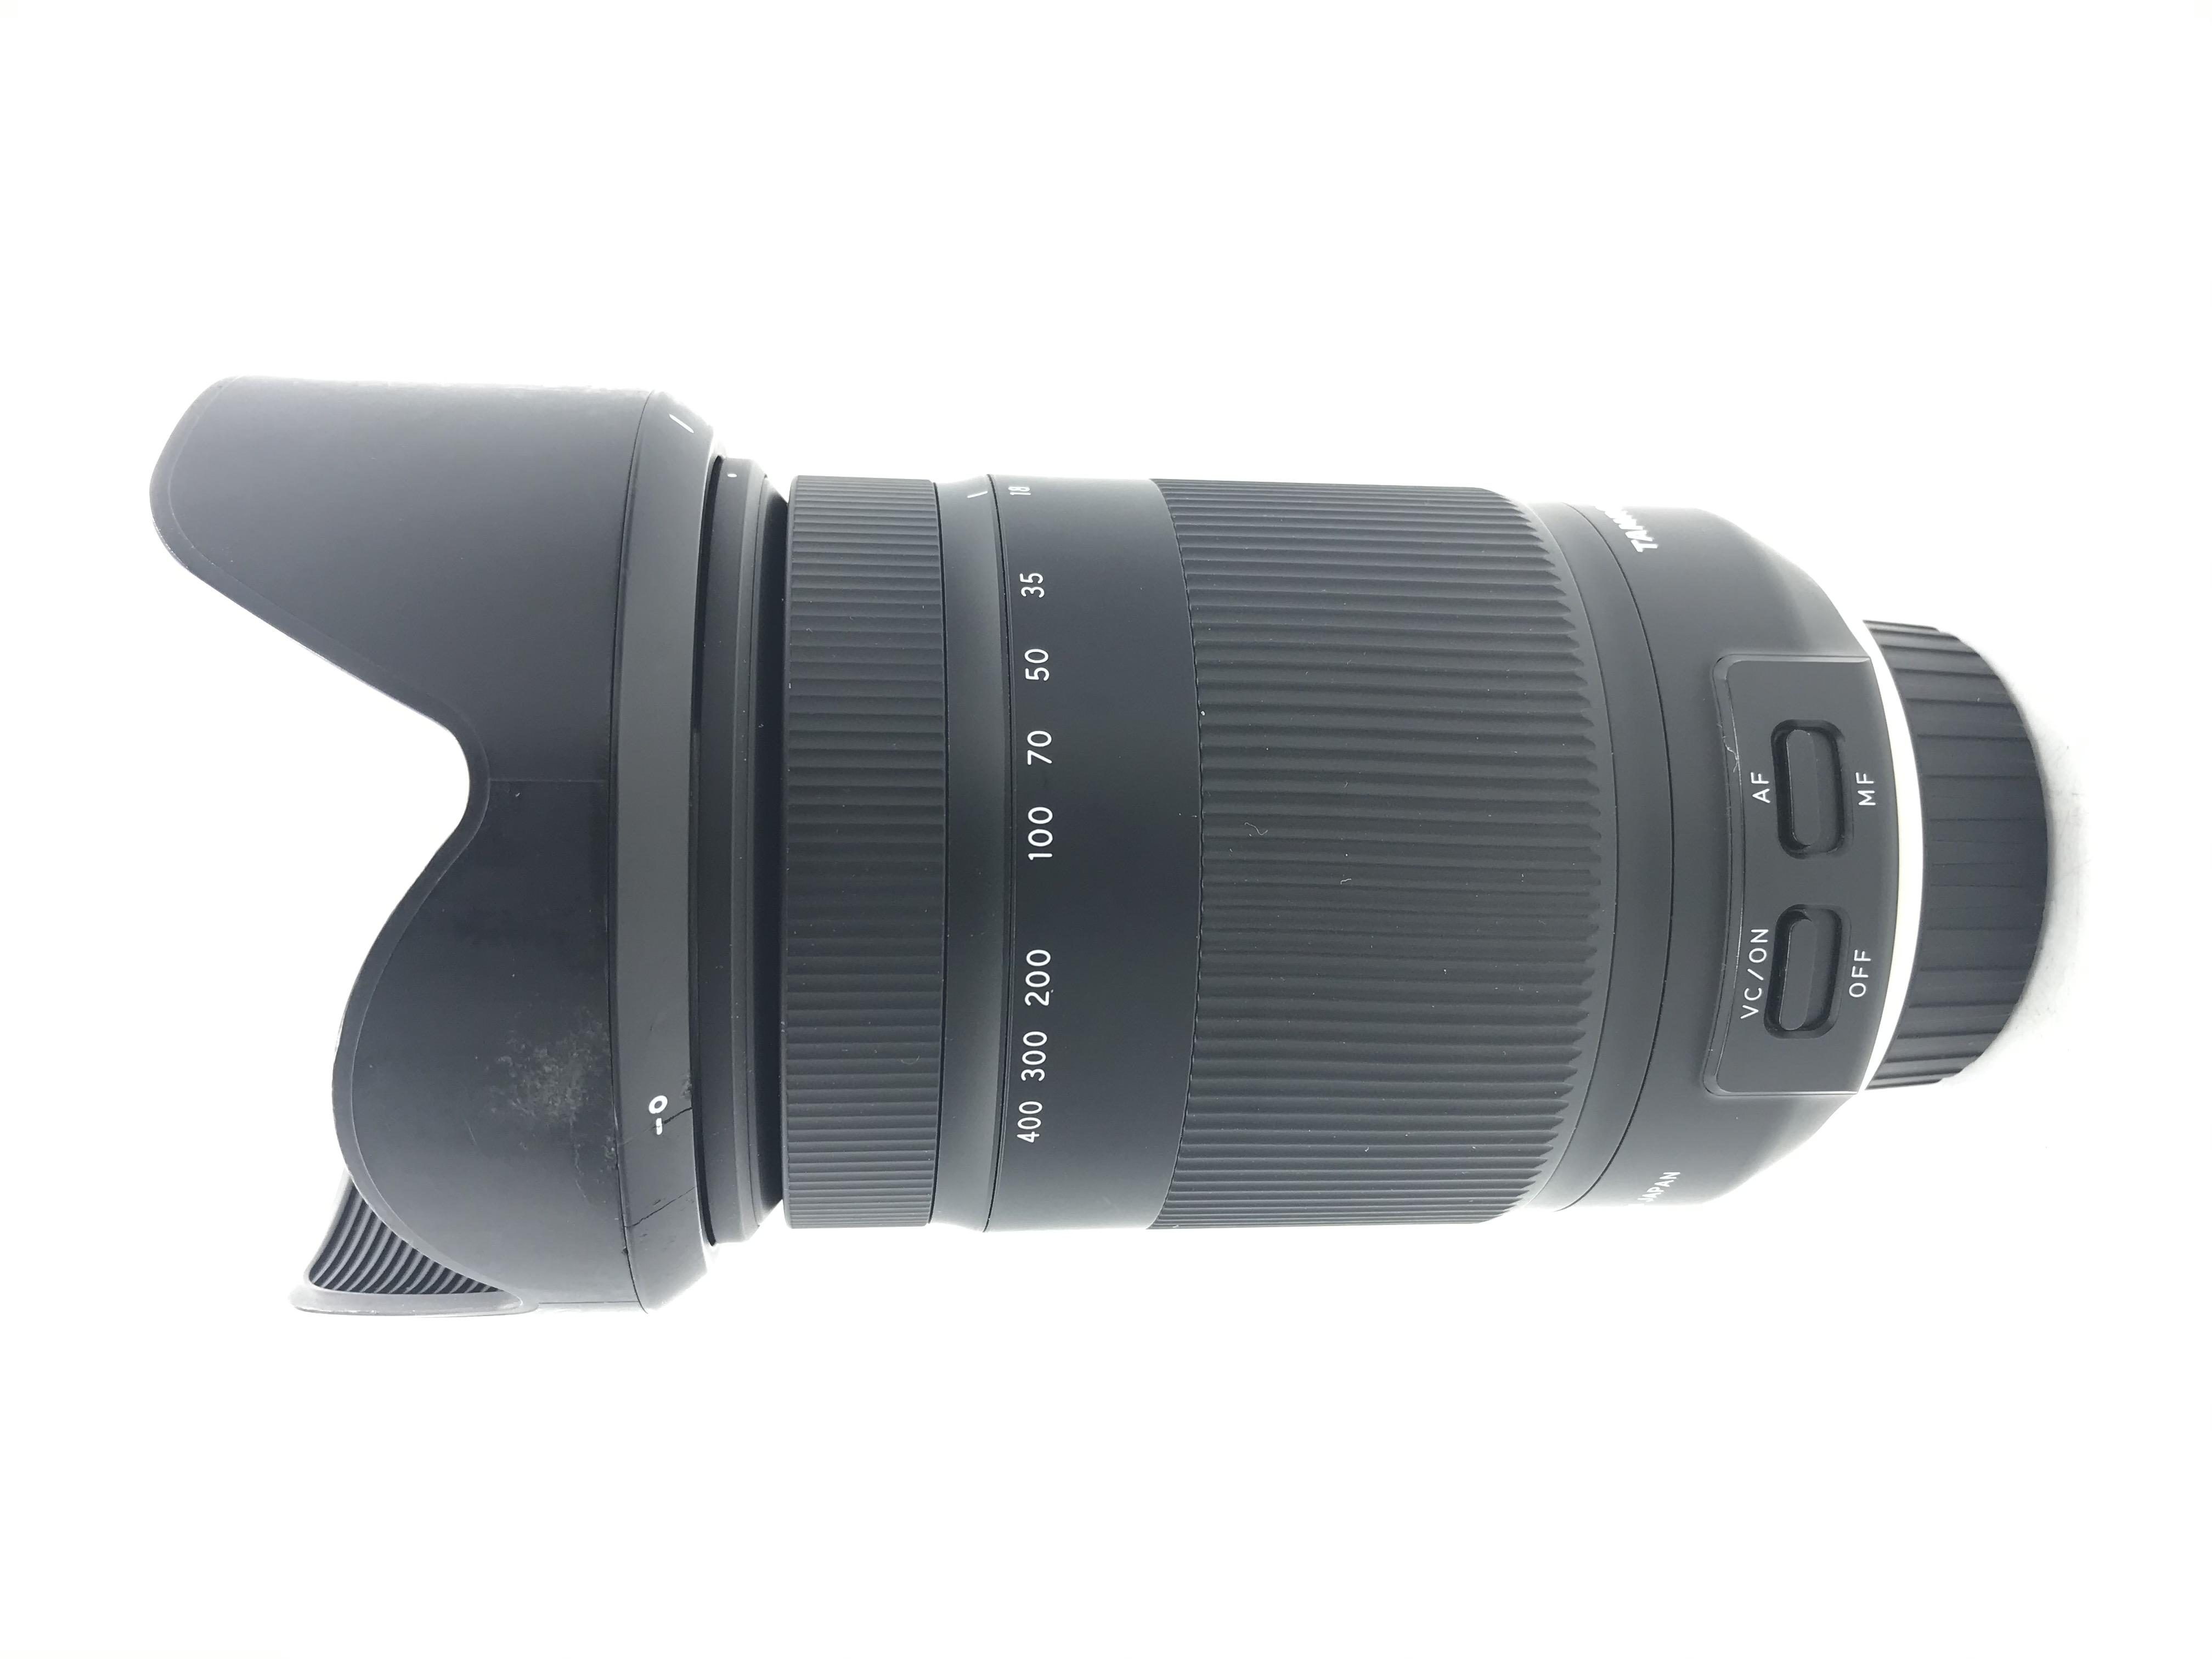 USED Tamron 18-400mm F3.5-6.3 Di II VC Lens for Nikon